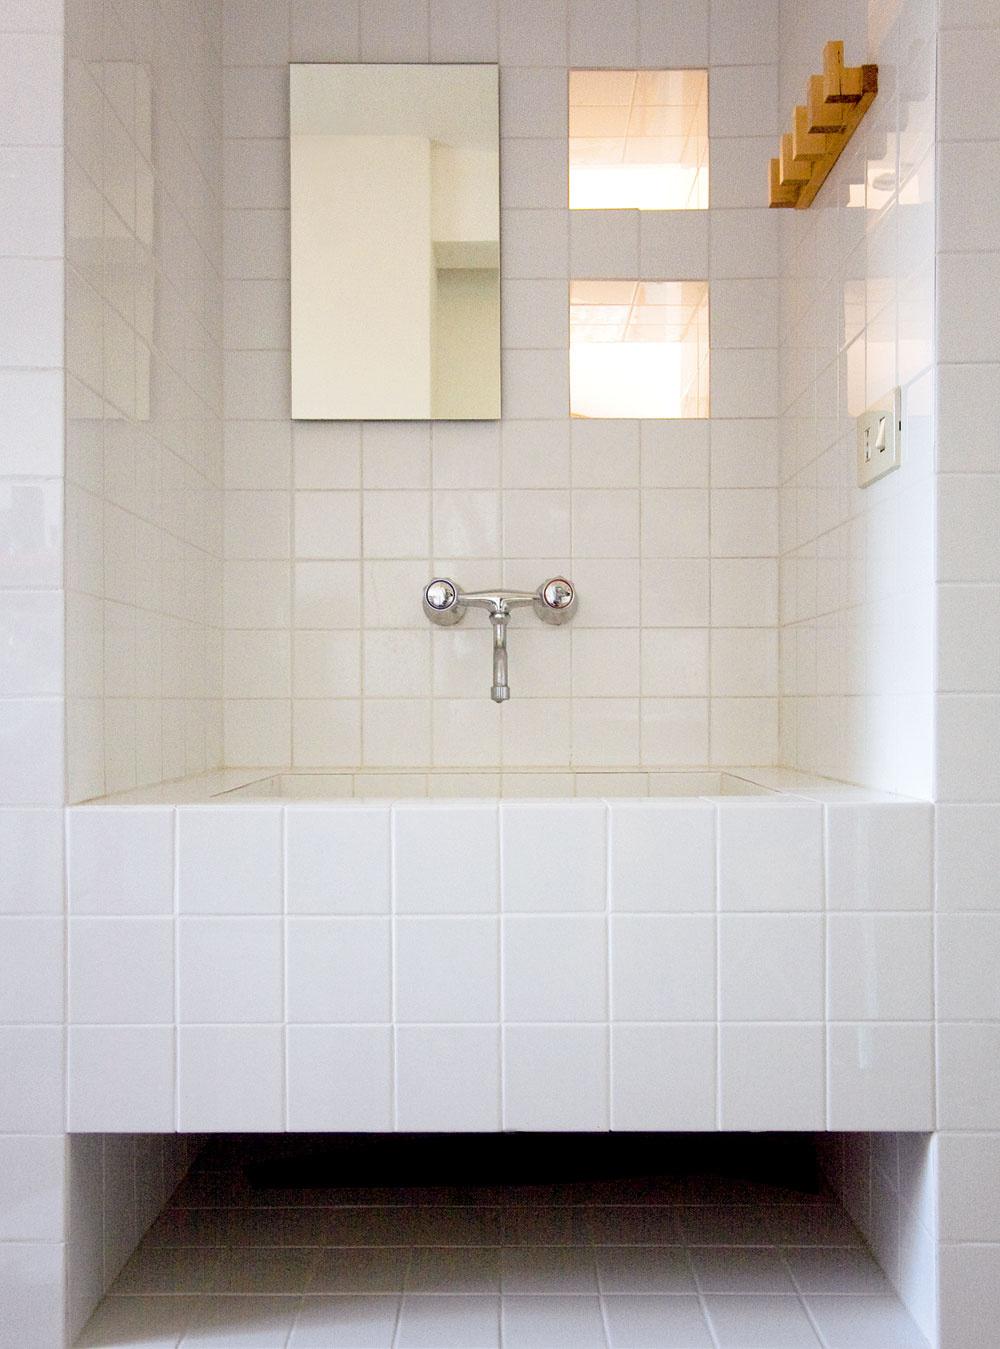 Jednotlivé kúpeľňové funkcie sú prístupné zvonka – vznikla tak kúpeľňa naruby.